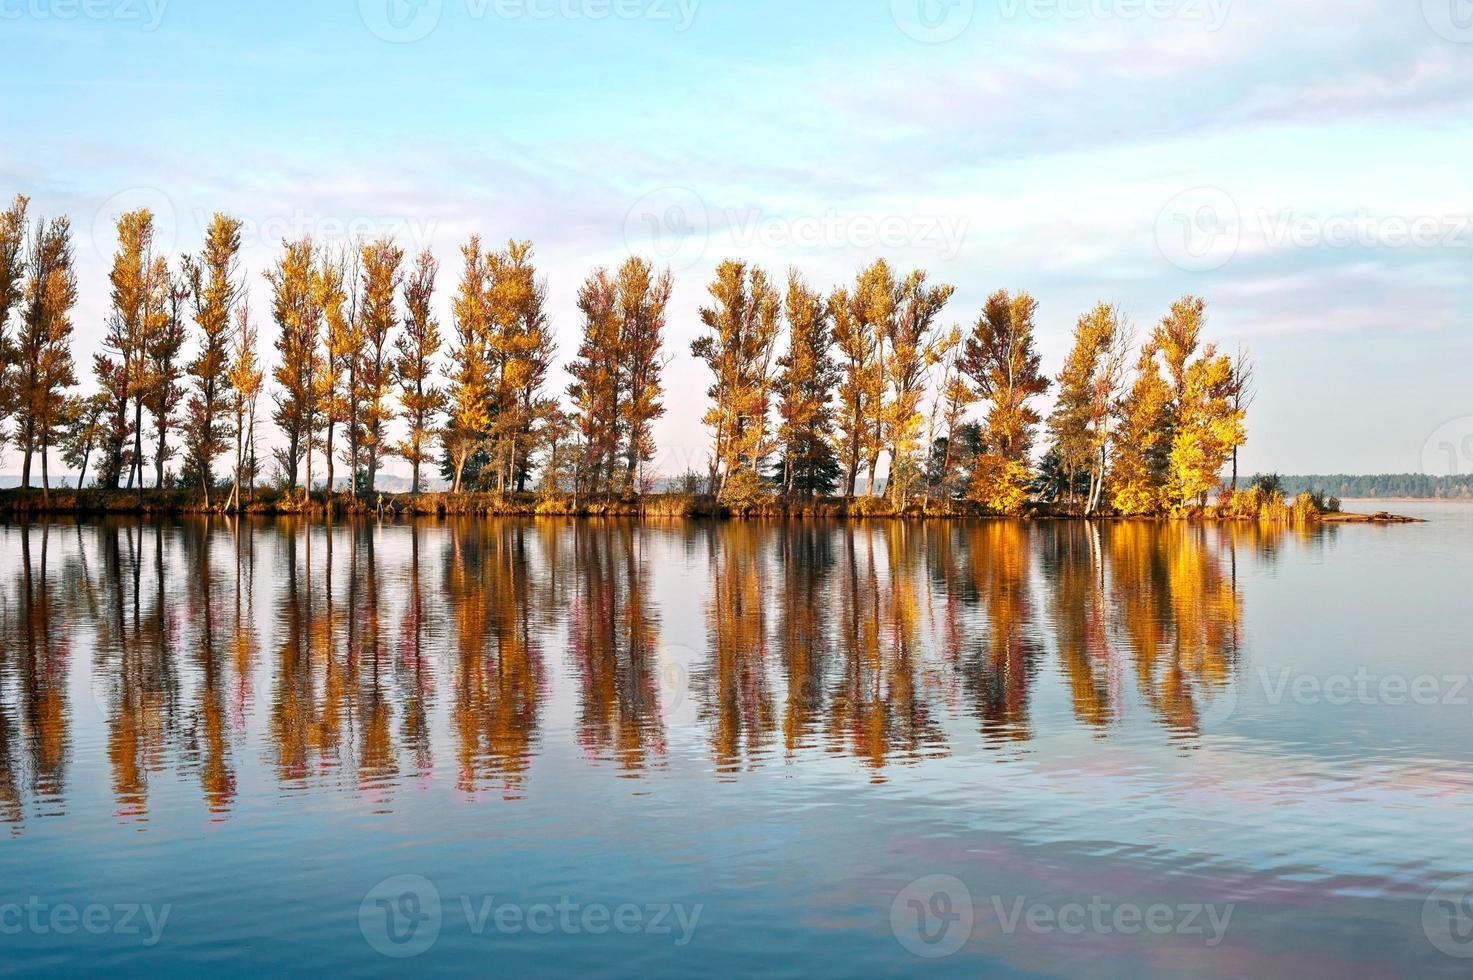 árboles otoñales con reflejo en un lago foto